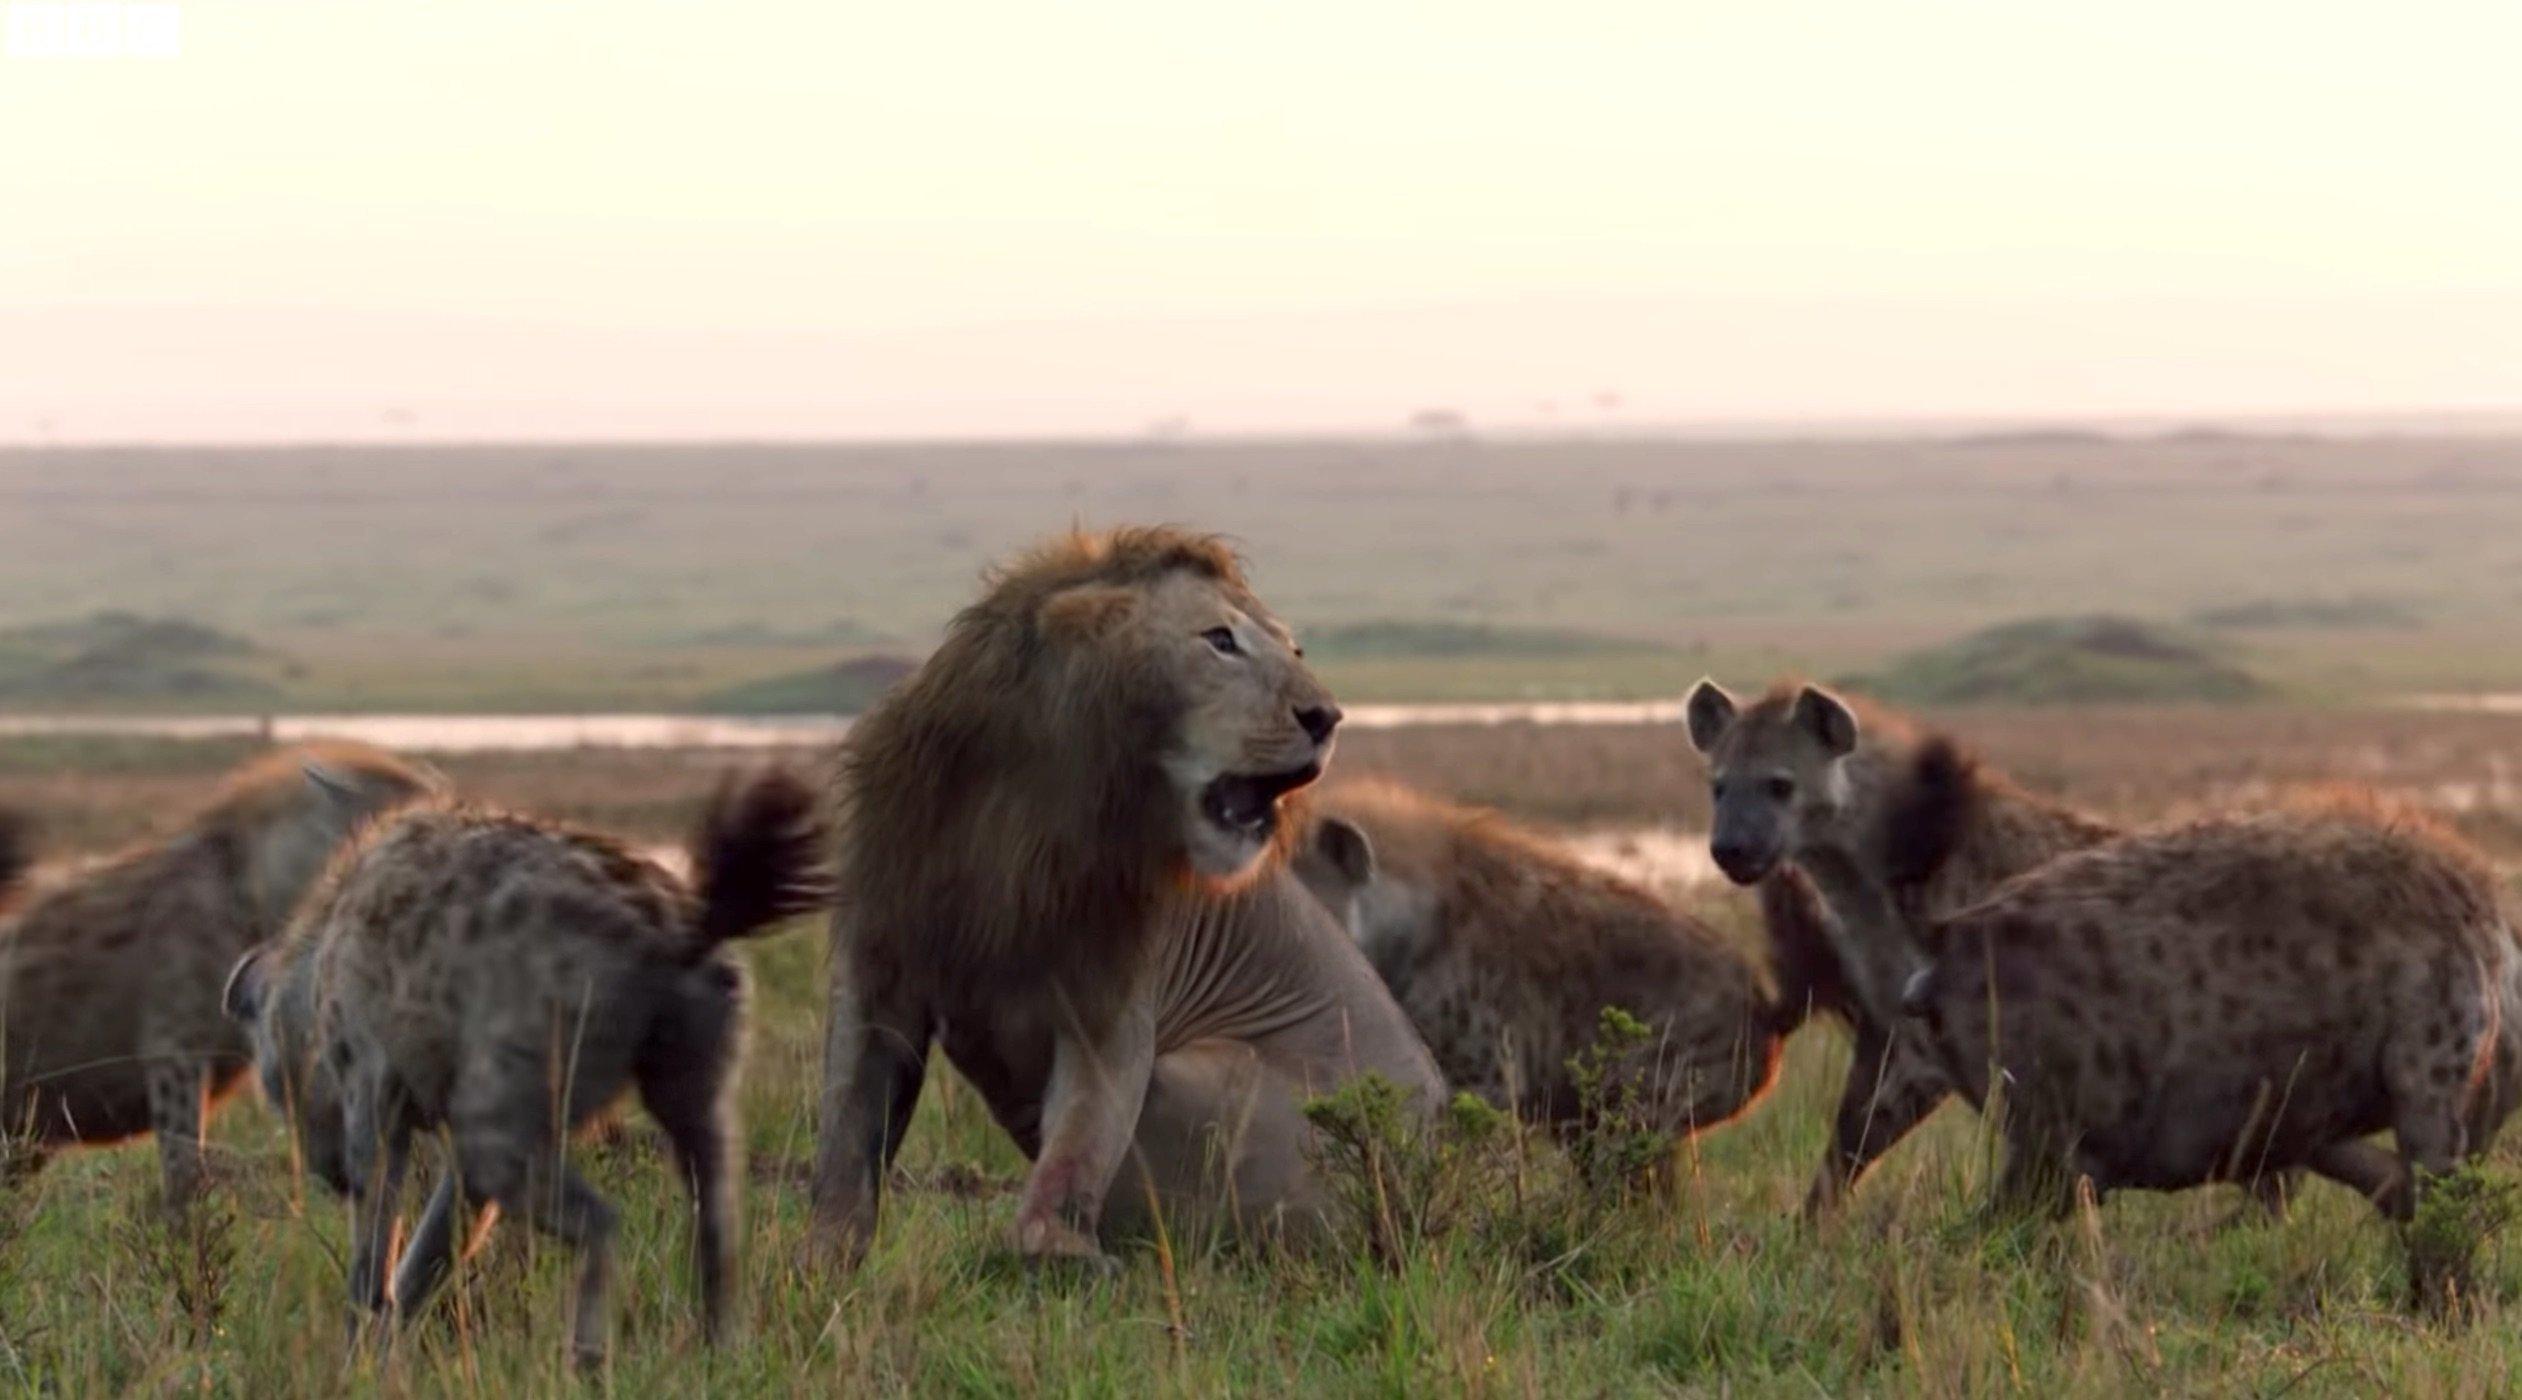 La bataille de ce lion contre plus de 20 hyènes est la vidéo la plus stressante de